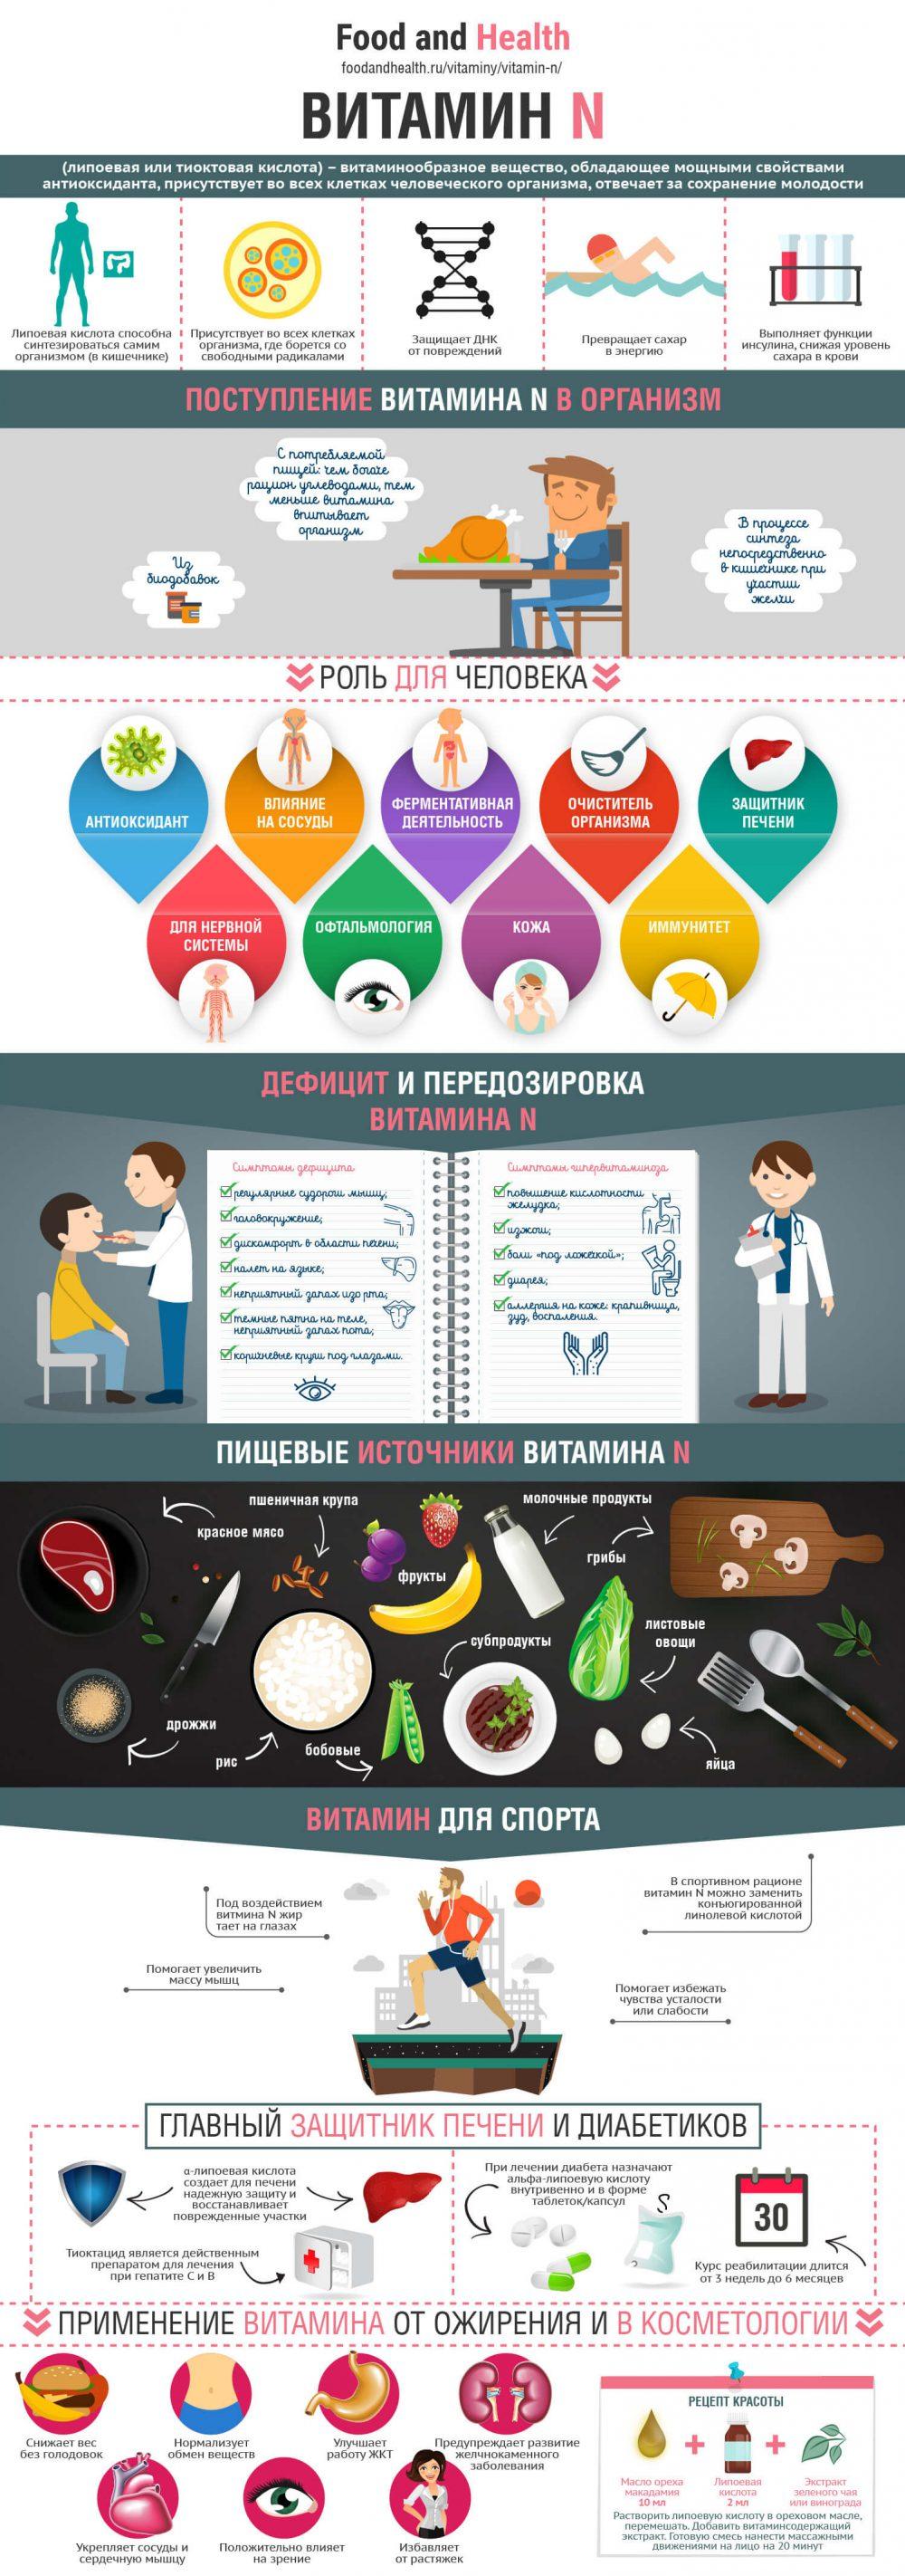 วิตามิน n | อาหารและสุขภาพ